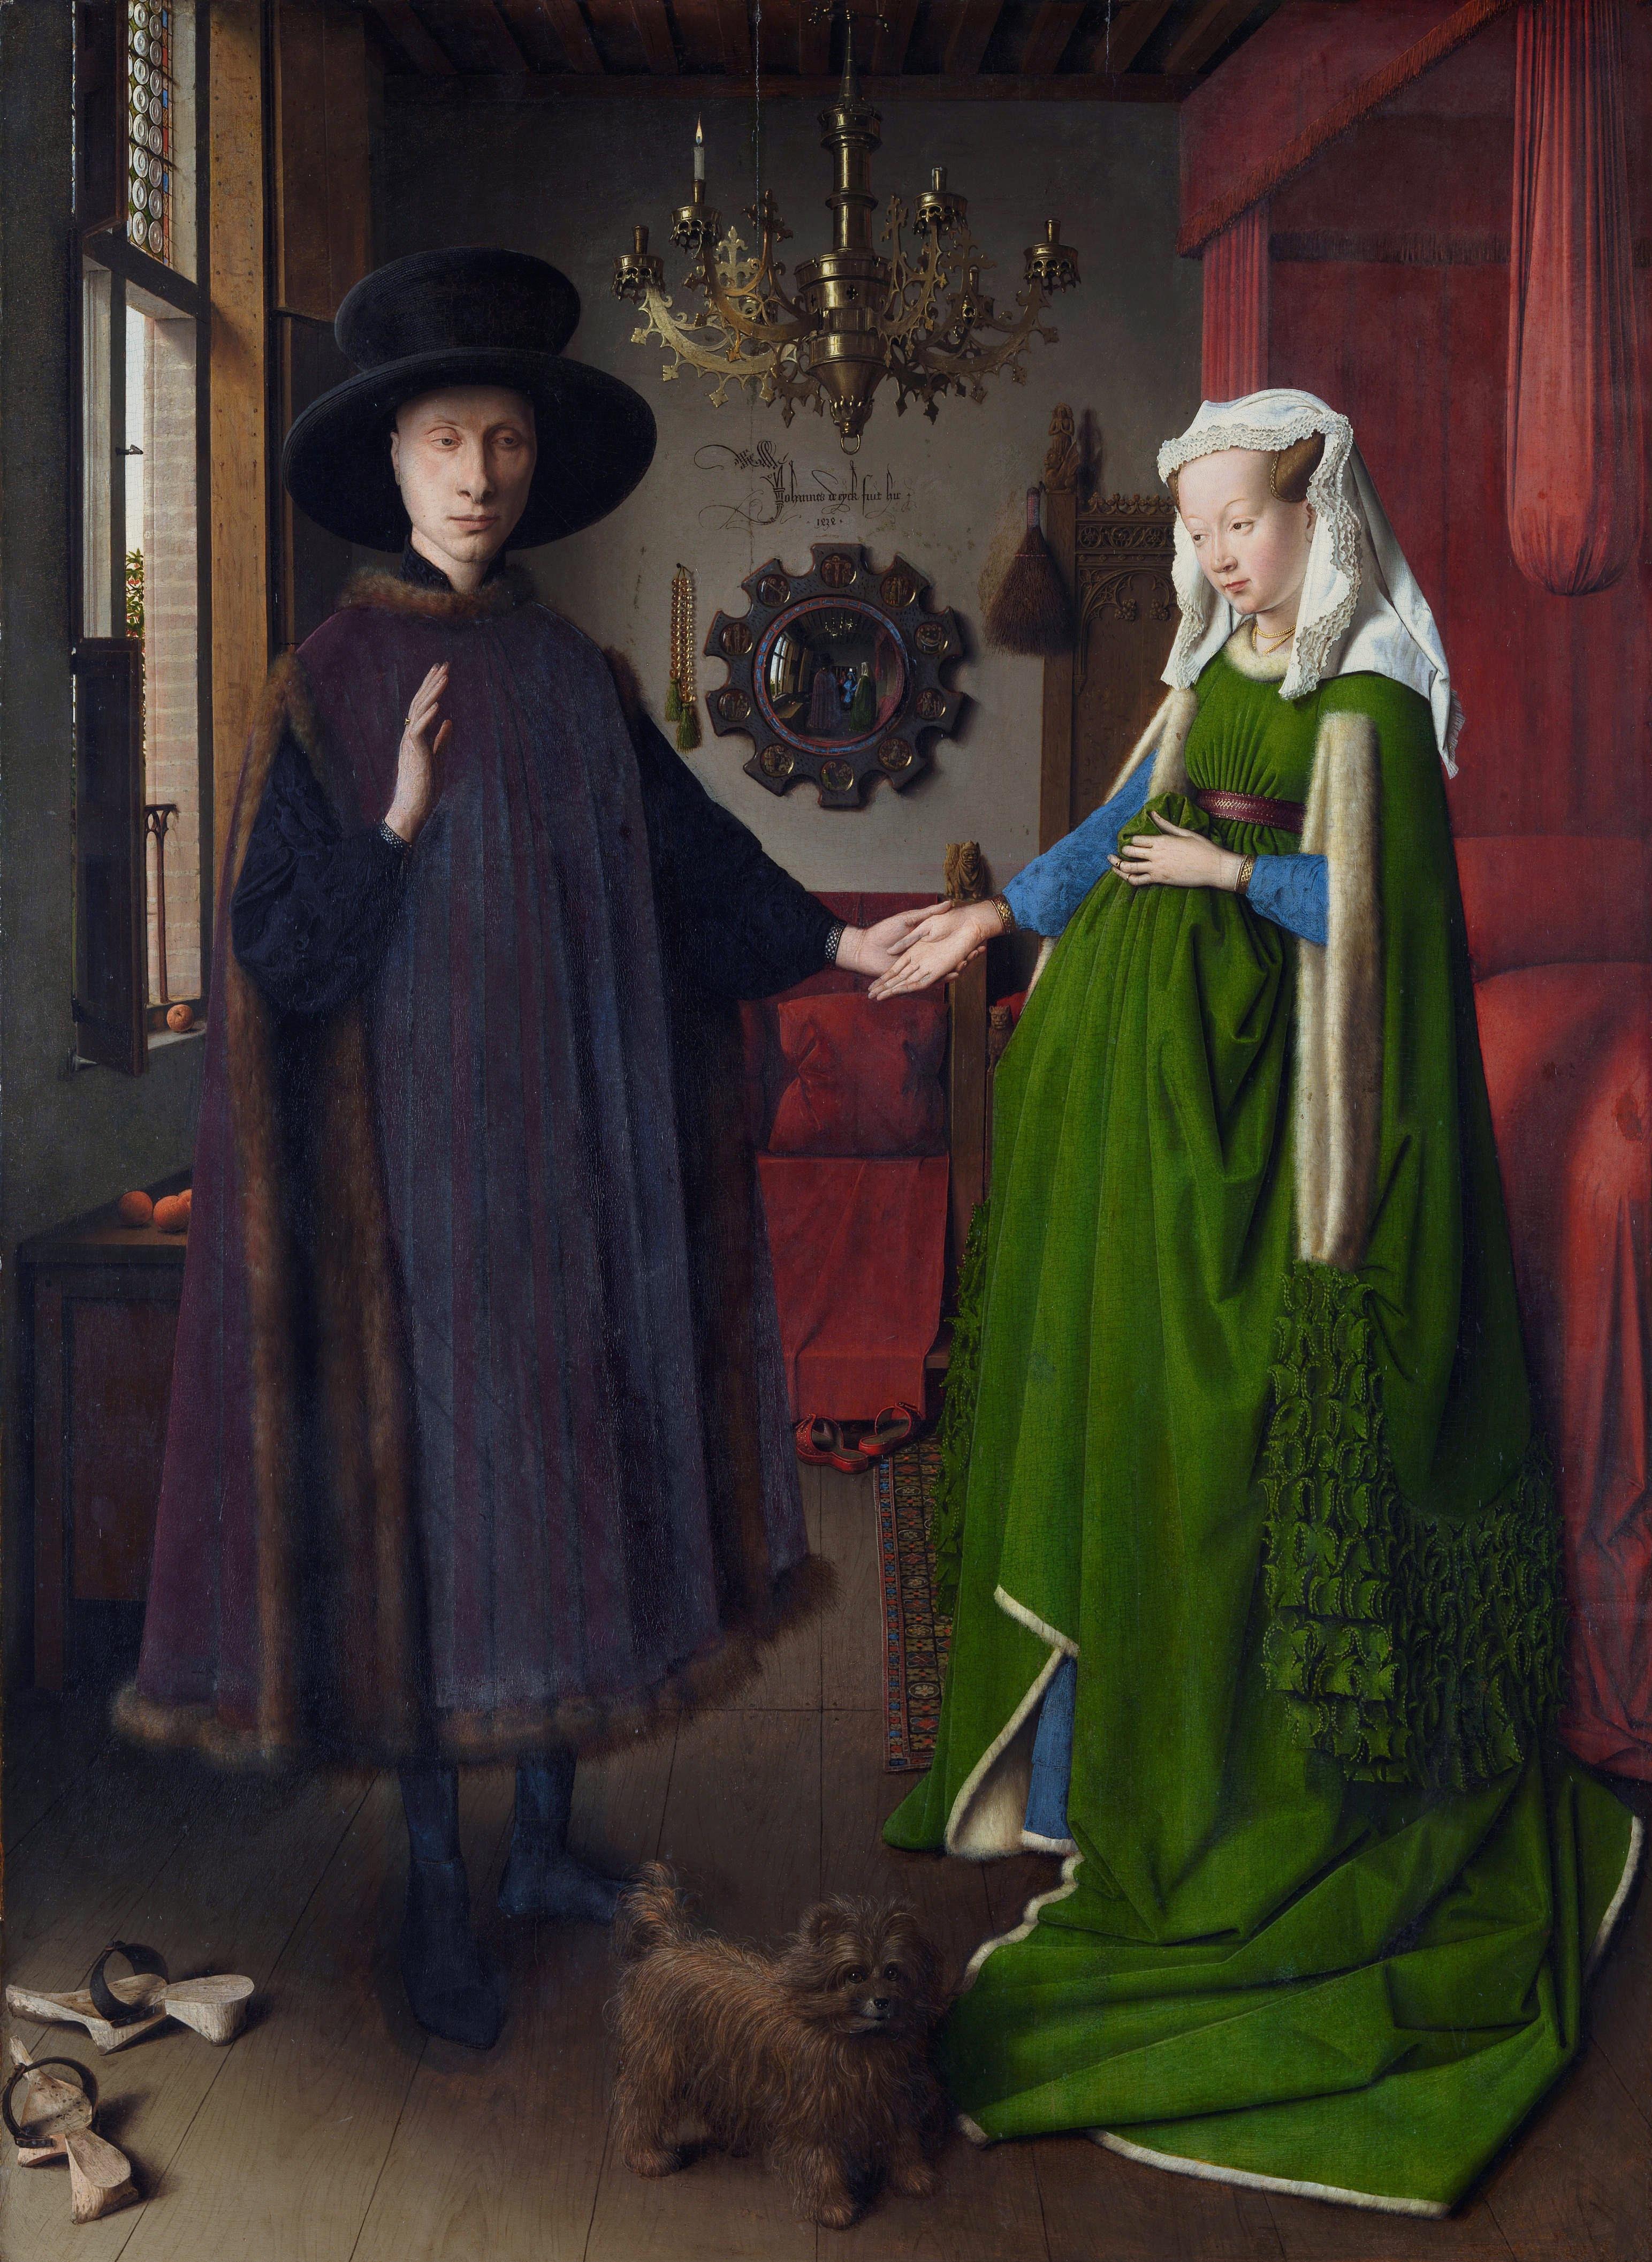 Van_Eyck